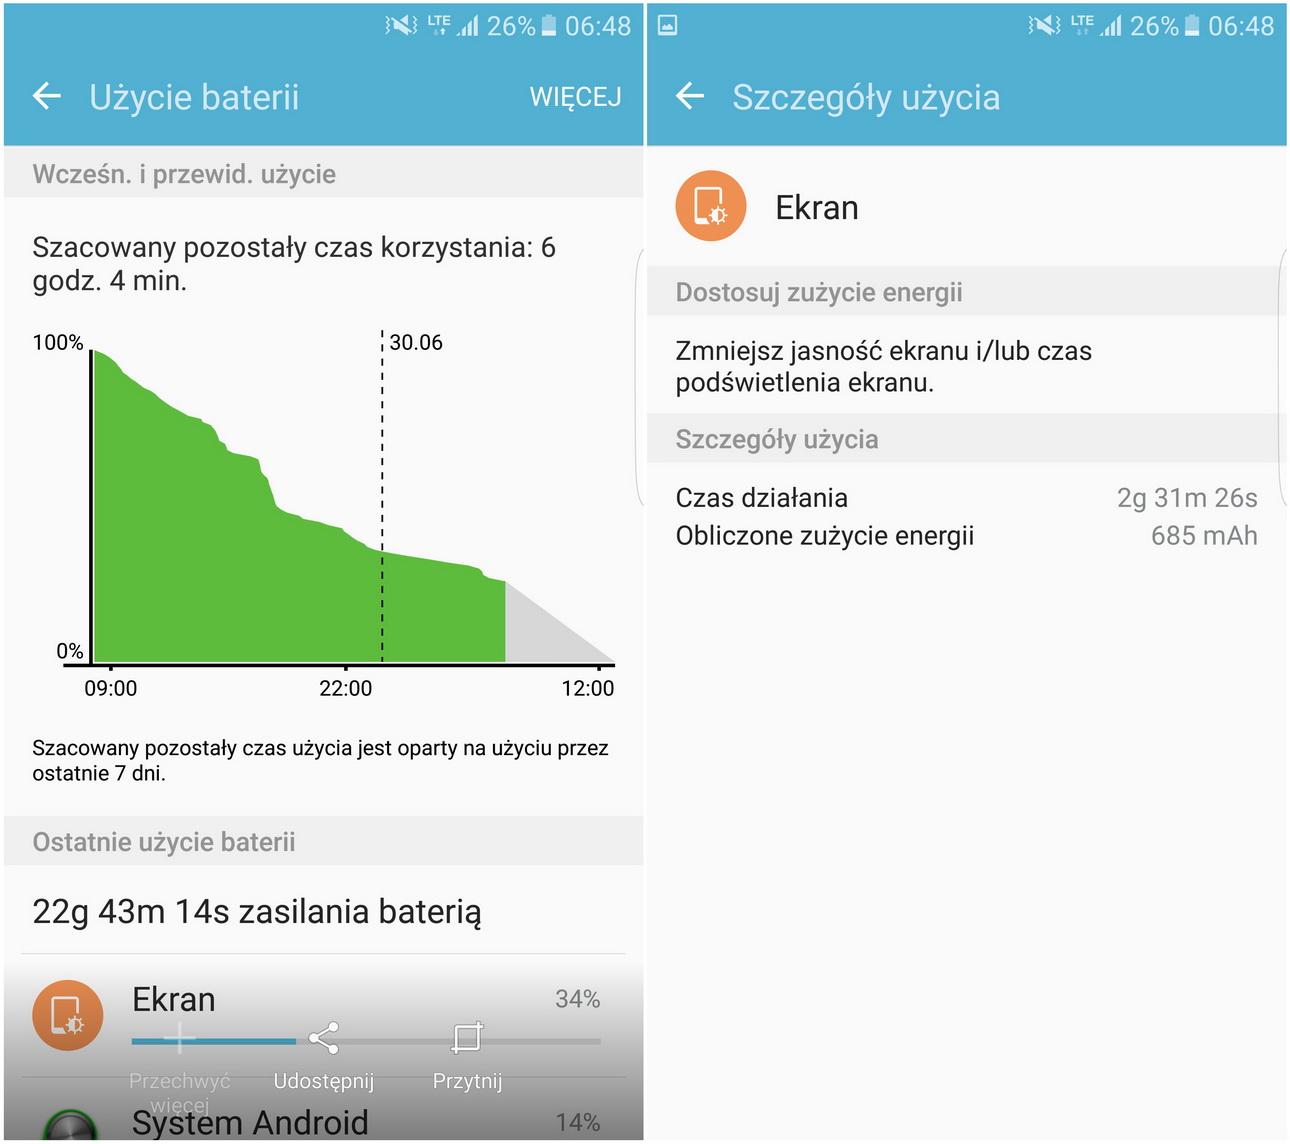 Samsung Galaxy S7 (SM-G935) Przykładowe zużycie baterii - recenzja 90sekund.pl